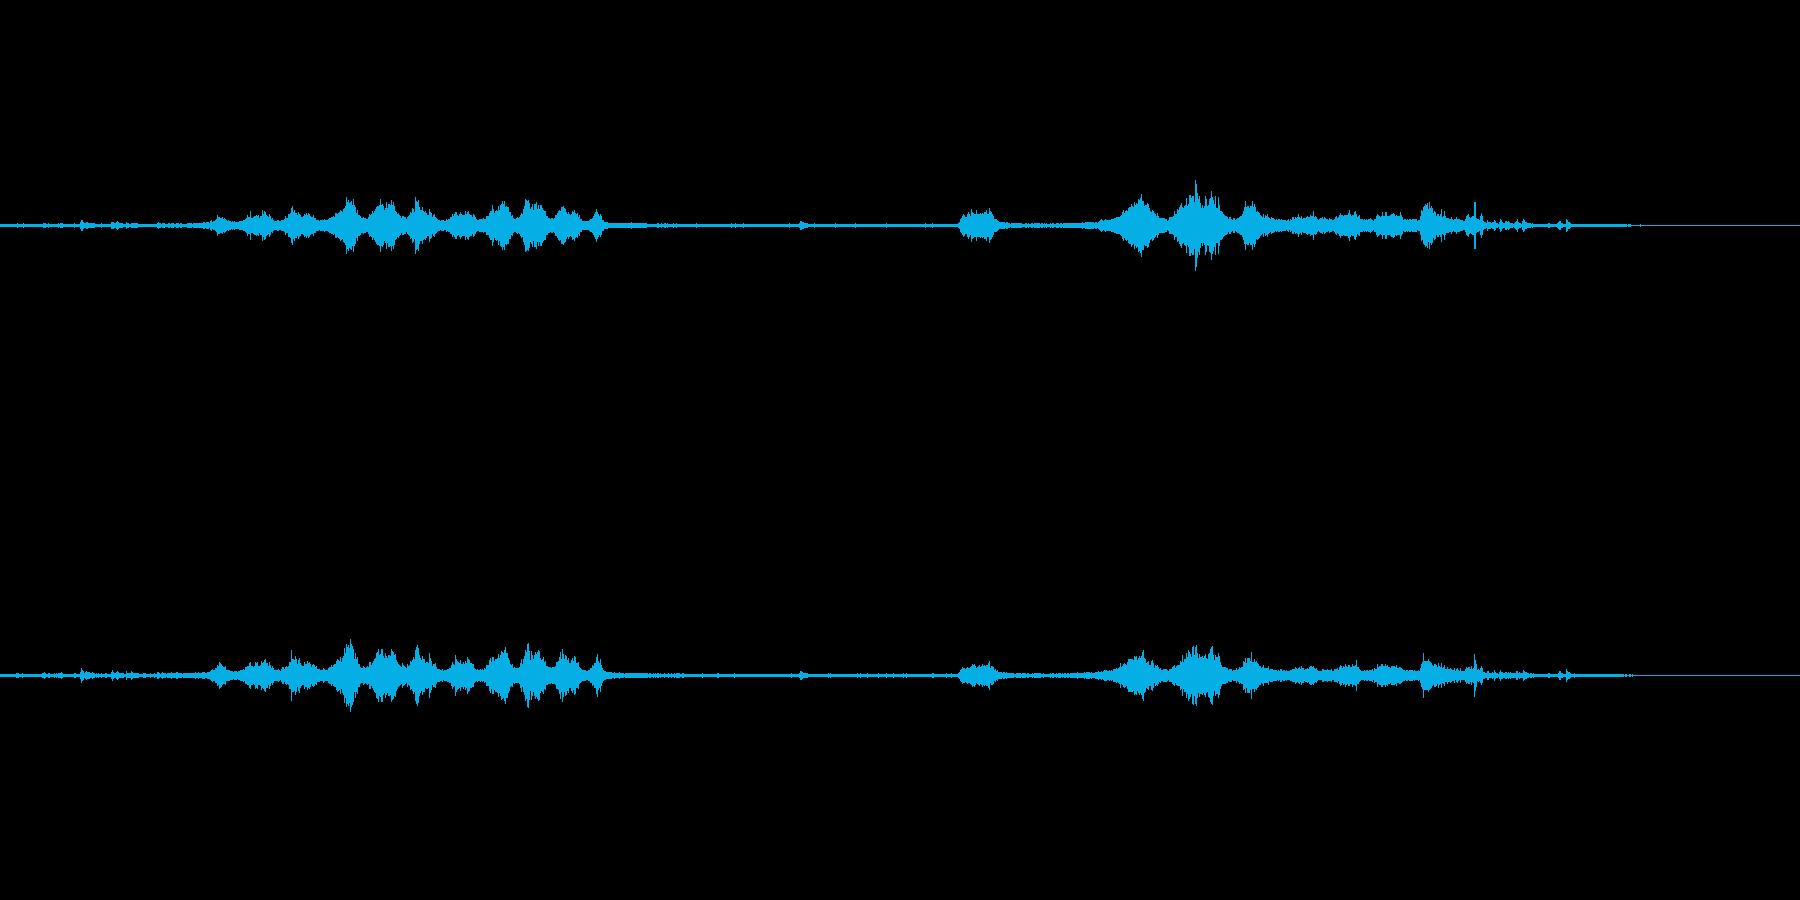 真下から録音した電車の通過音の再生済みの波形